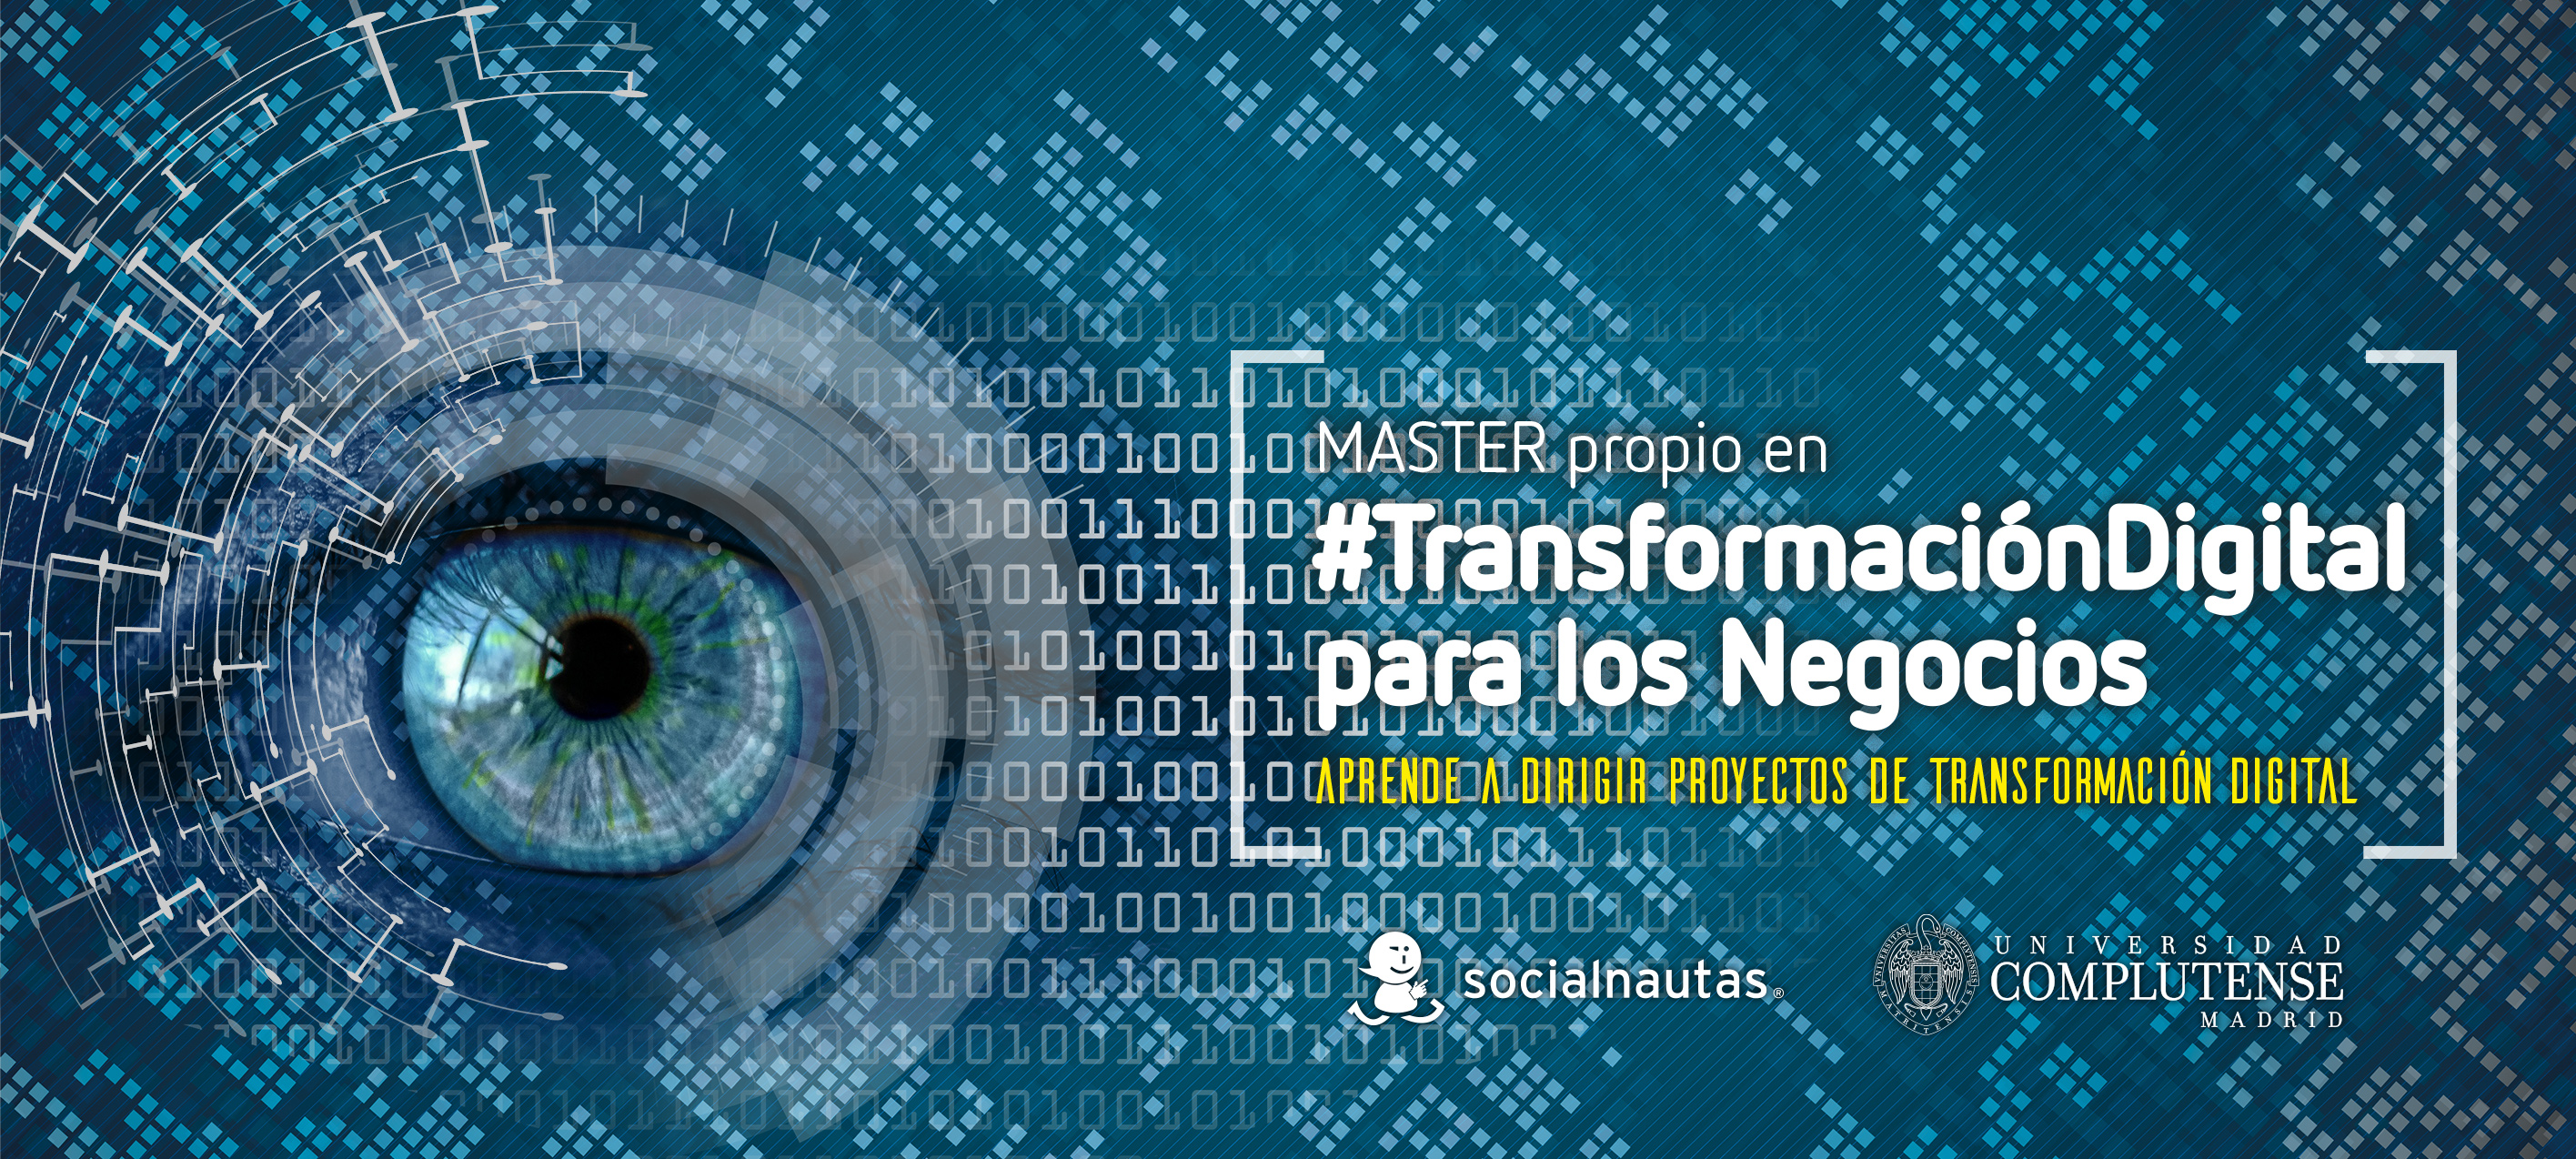 Apuntes para la #TransformaciónDigital